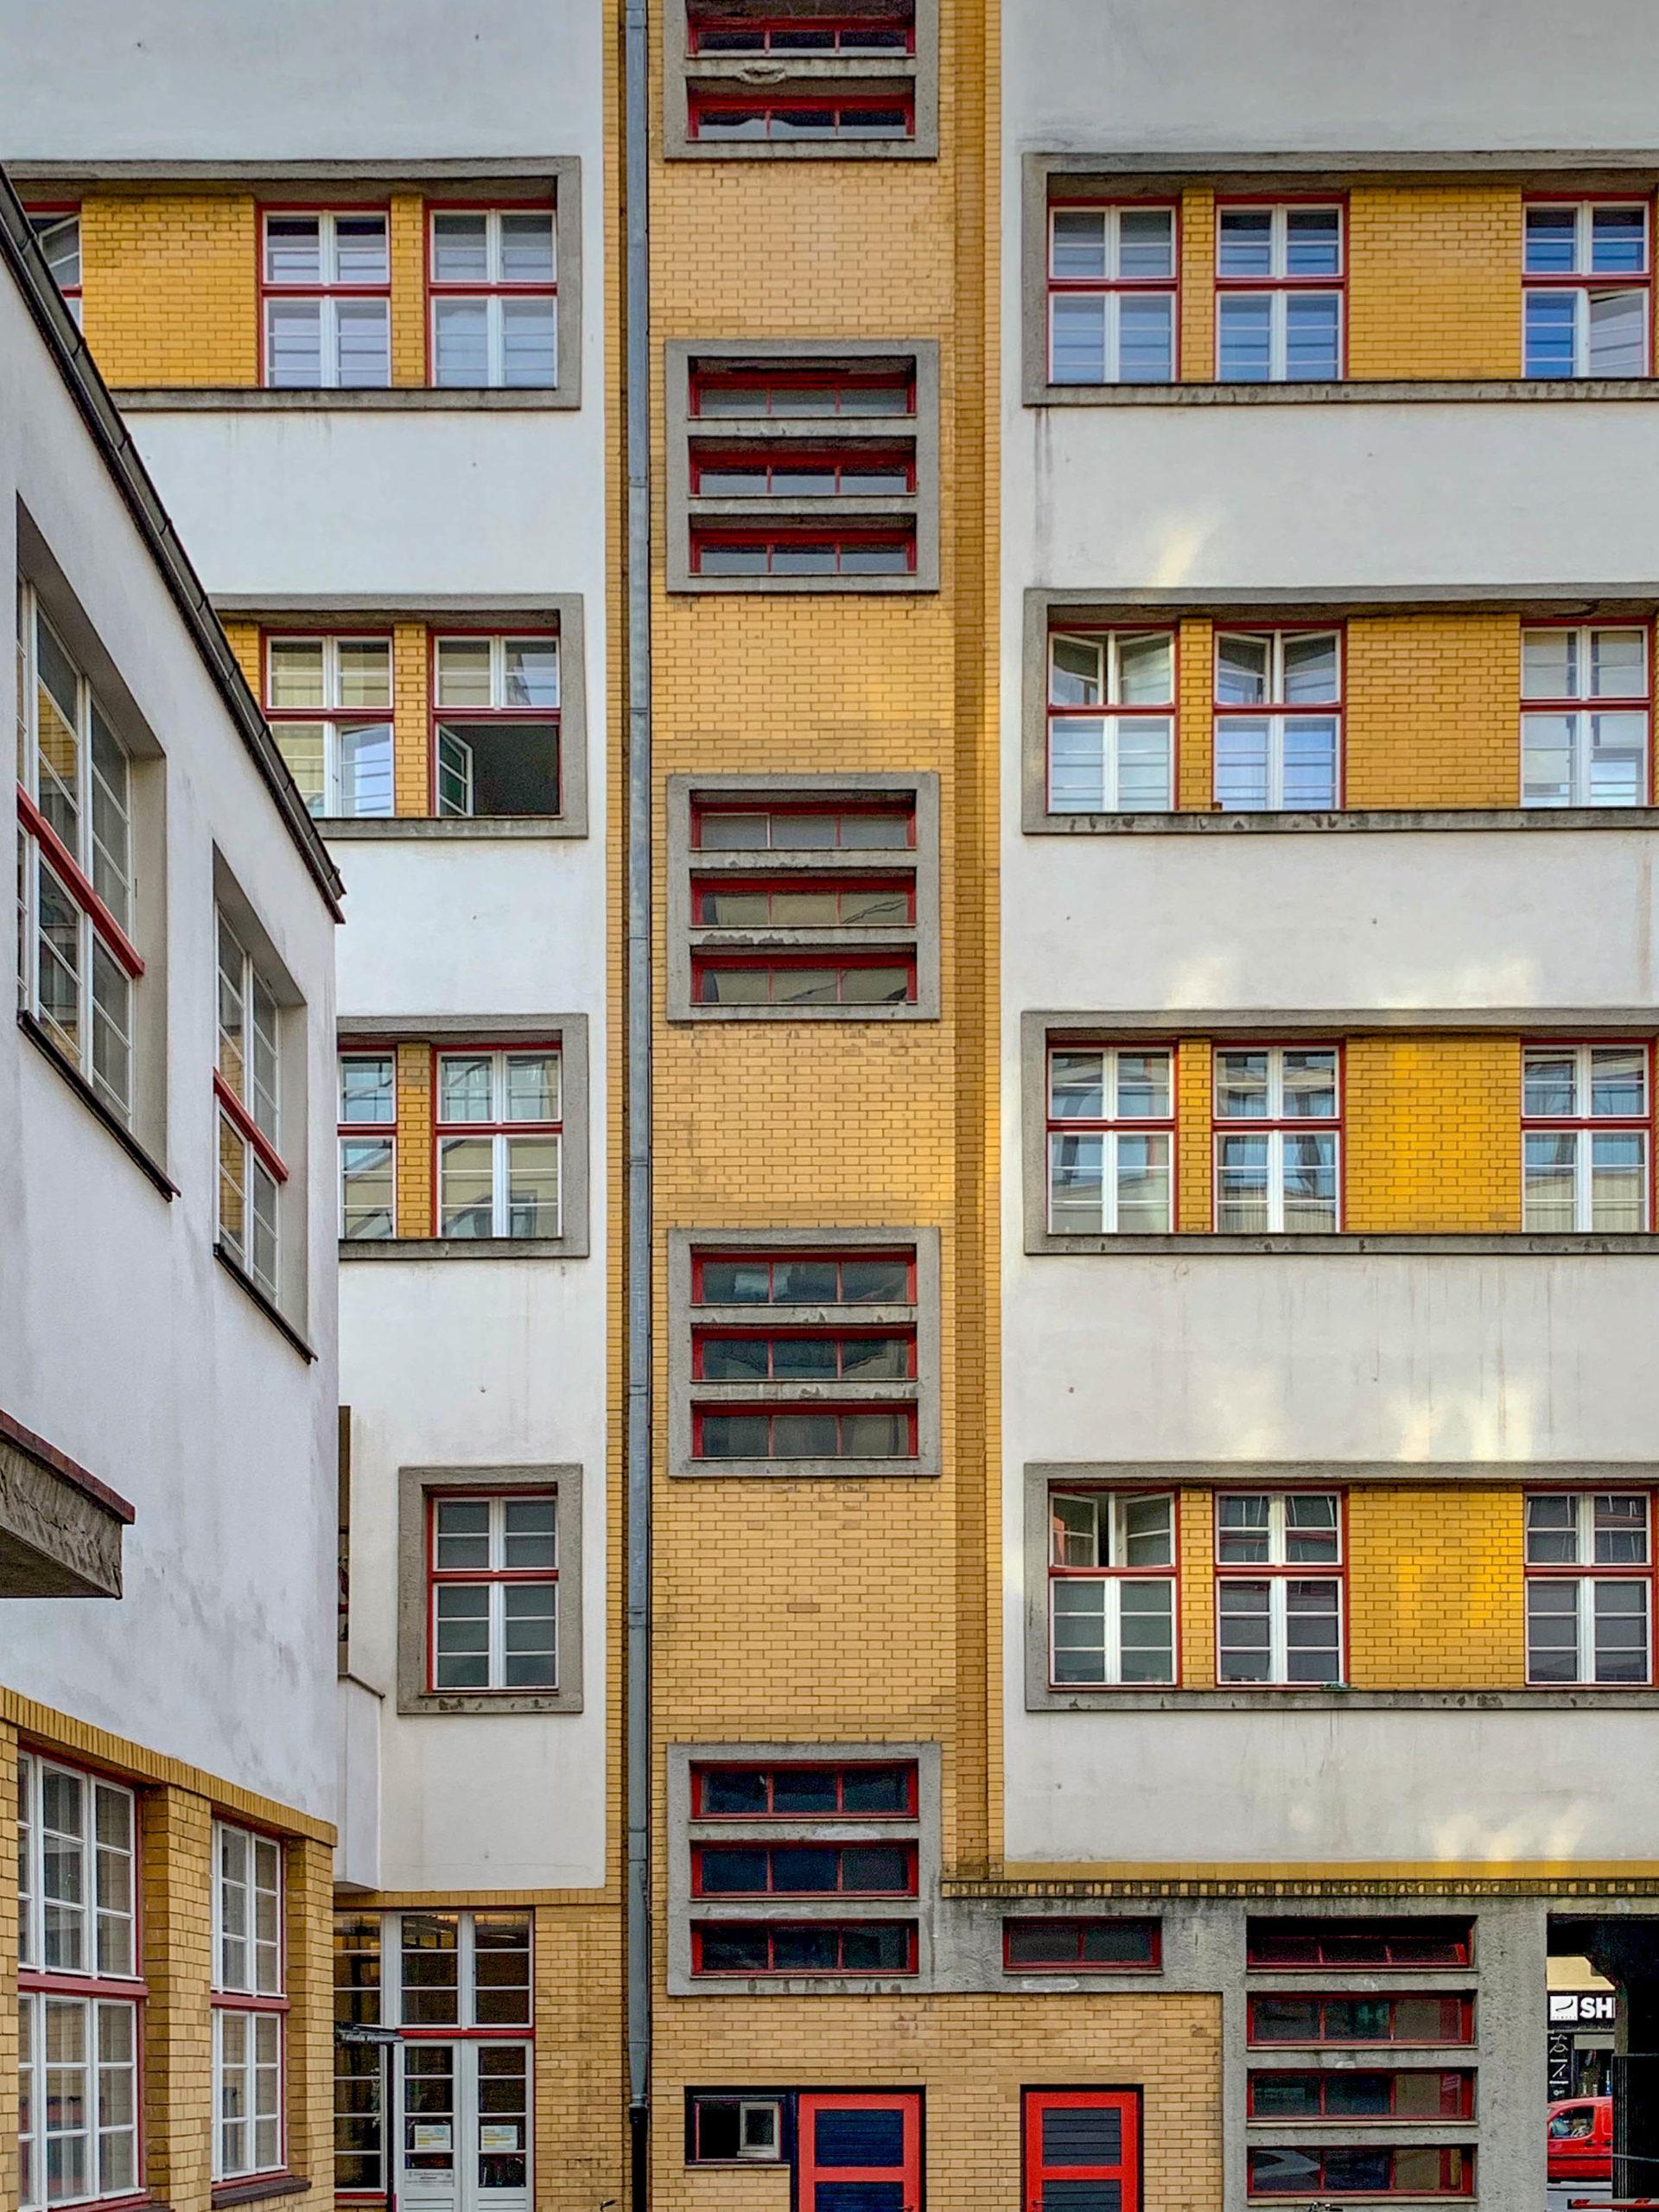 Verbandshaus der Deutschen Buchdrucker, 1924-1926. Architekten: Max Taut, Franz Hoffmann, Karl Bernhard